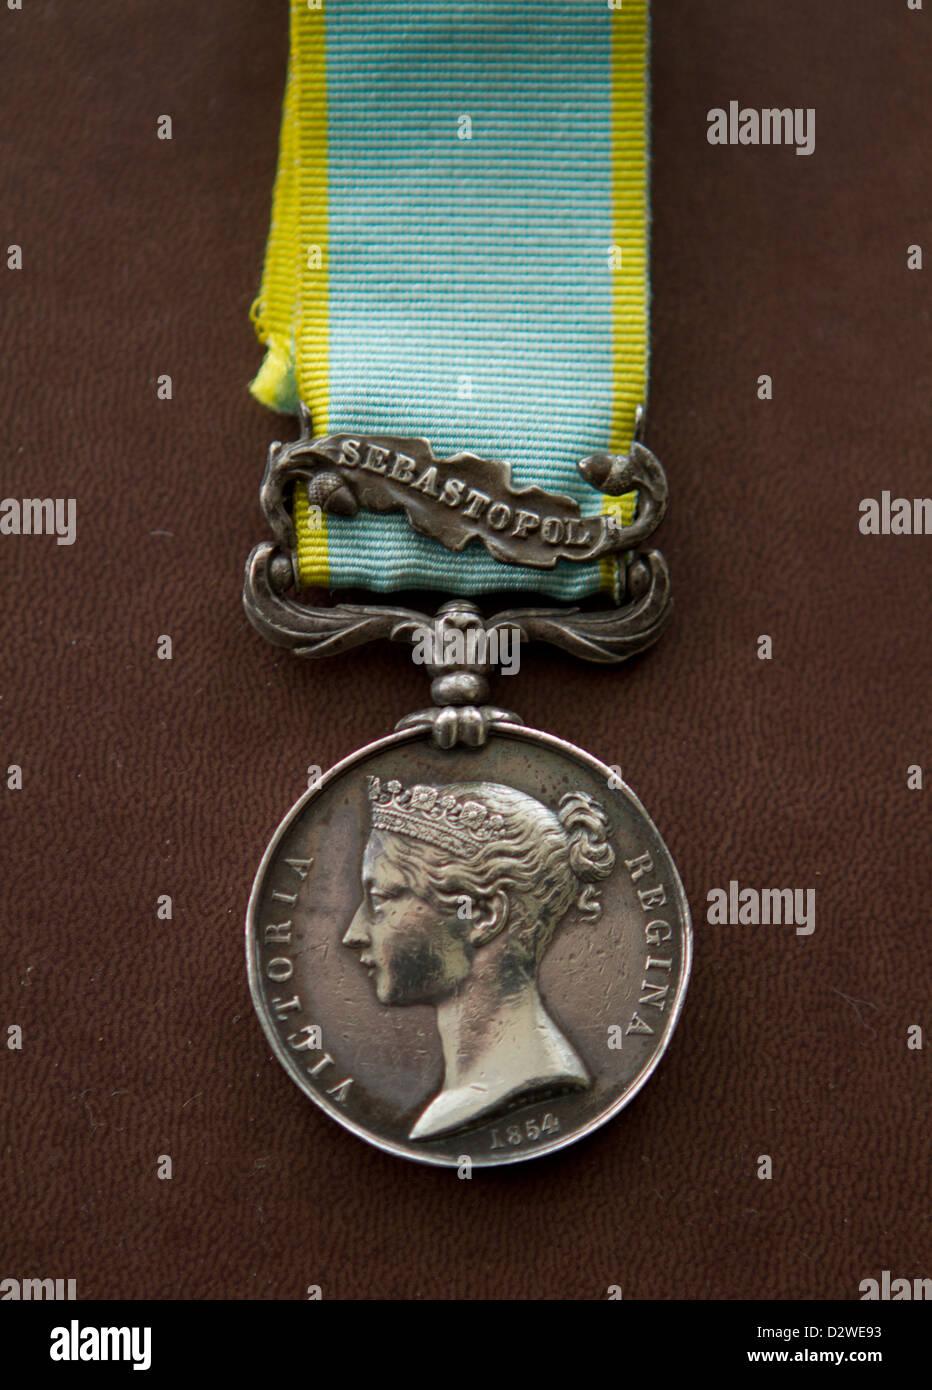 Crimean War Medal with clasp for Sebastopol (original medal), dated 1854 - Stock Image